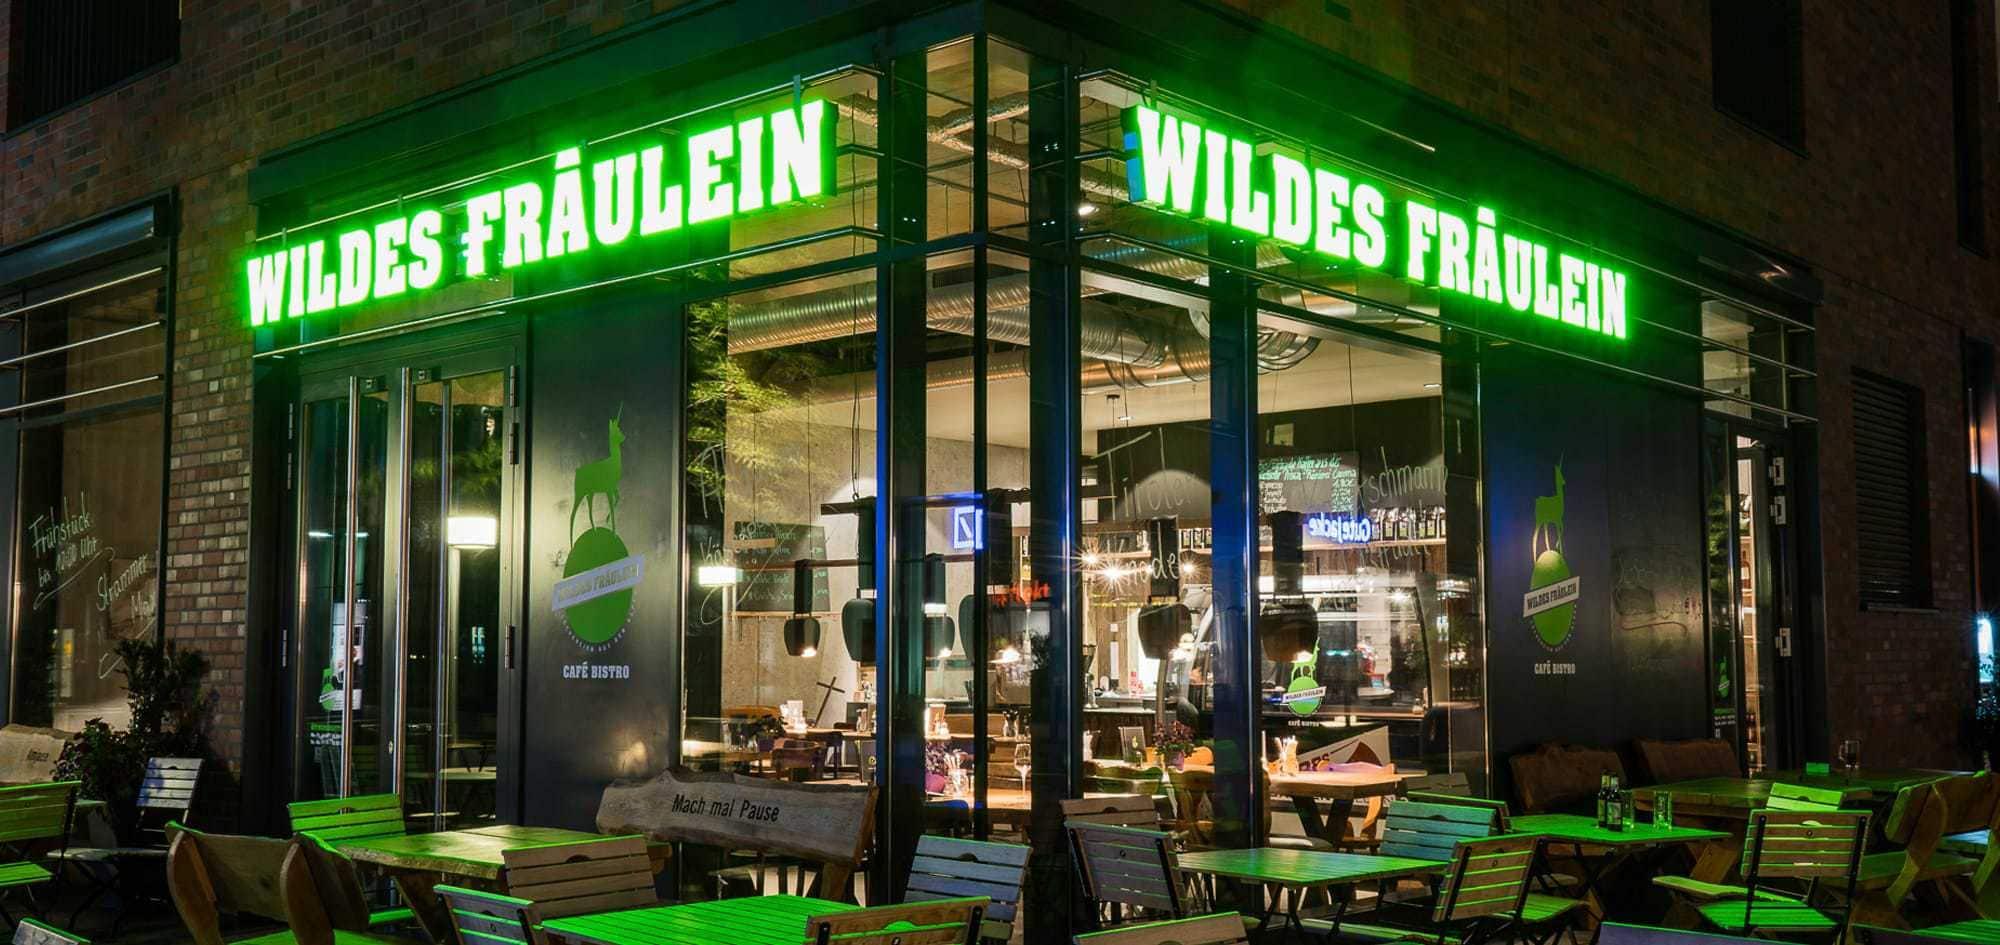 Das Foto zeigt eine Werbeanlage Wildes Fräulein in der Hafencity Hamburg mit einzelnen Buchstaben gefertigt aus Plexiglas mit einer LED Ausleuchtung.